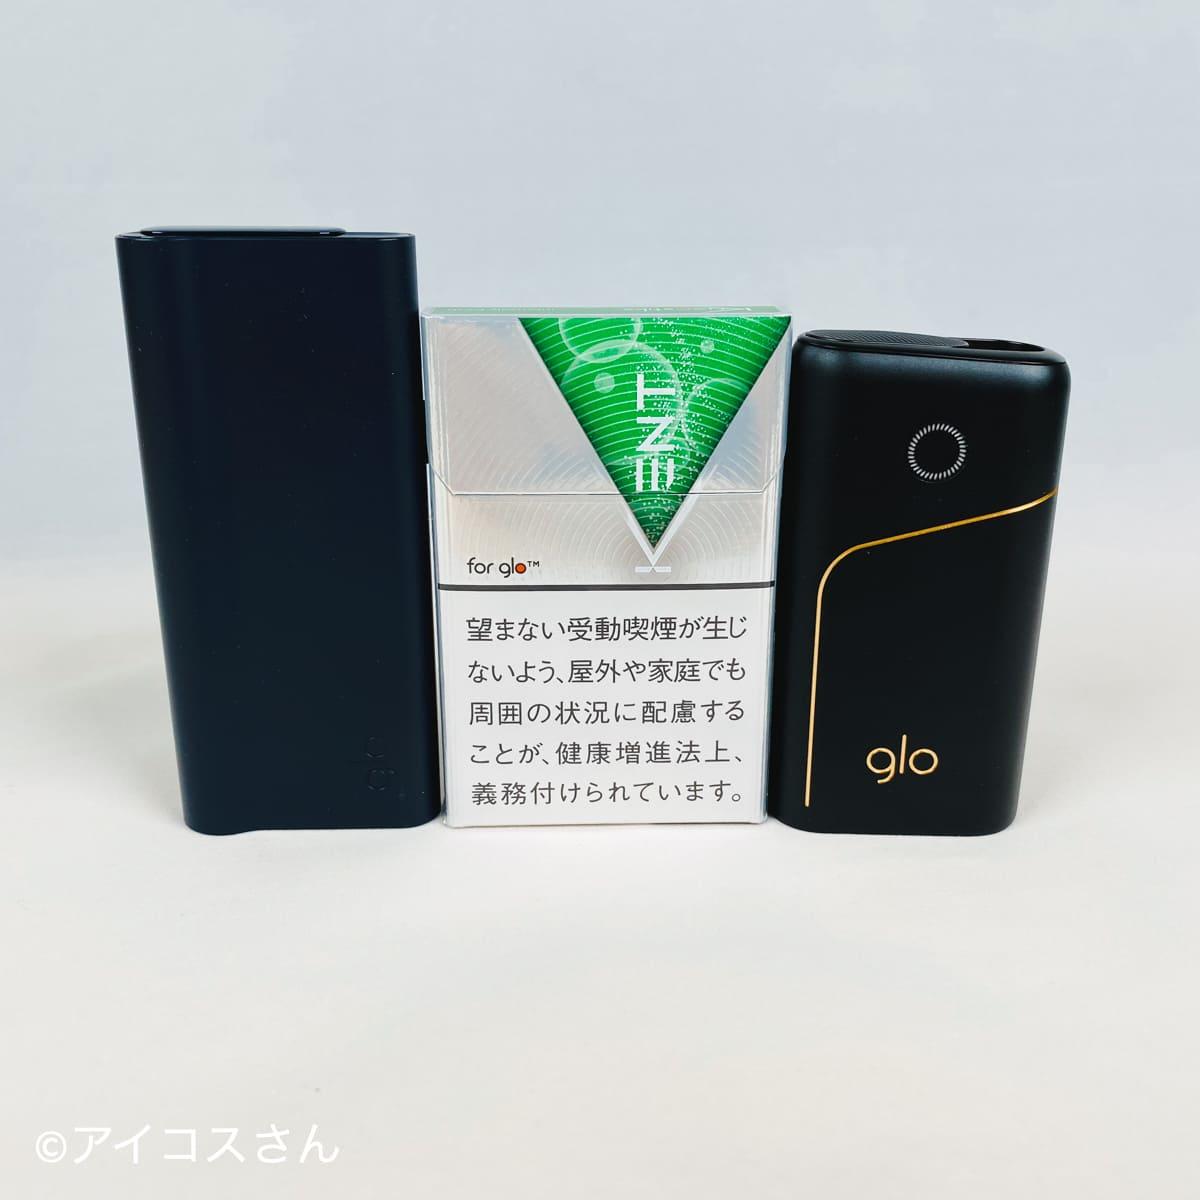 左から「グロープロスリム」、専用たばこスティック「ケント」、「グロープロ」が並ぶ。